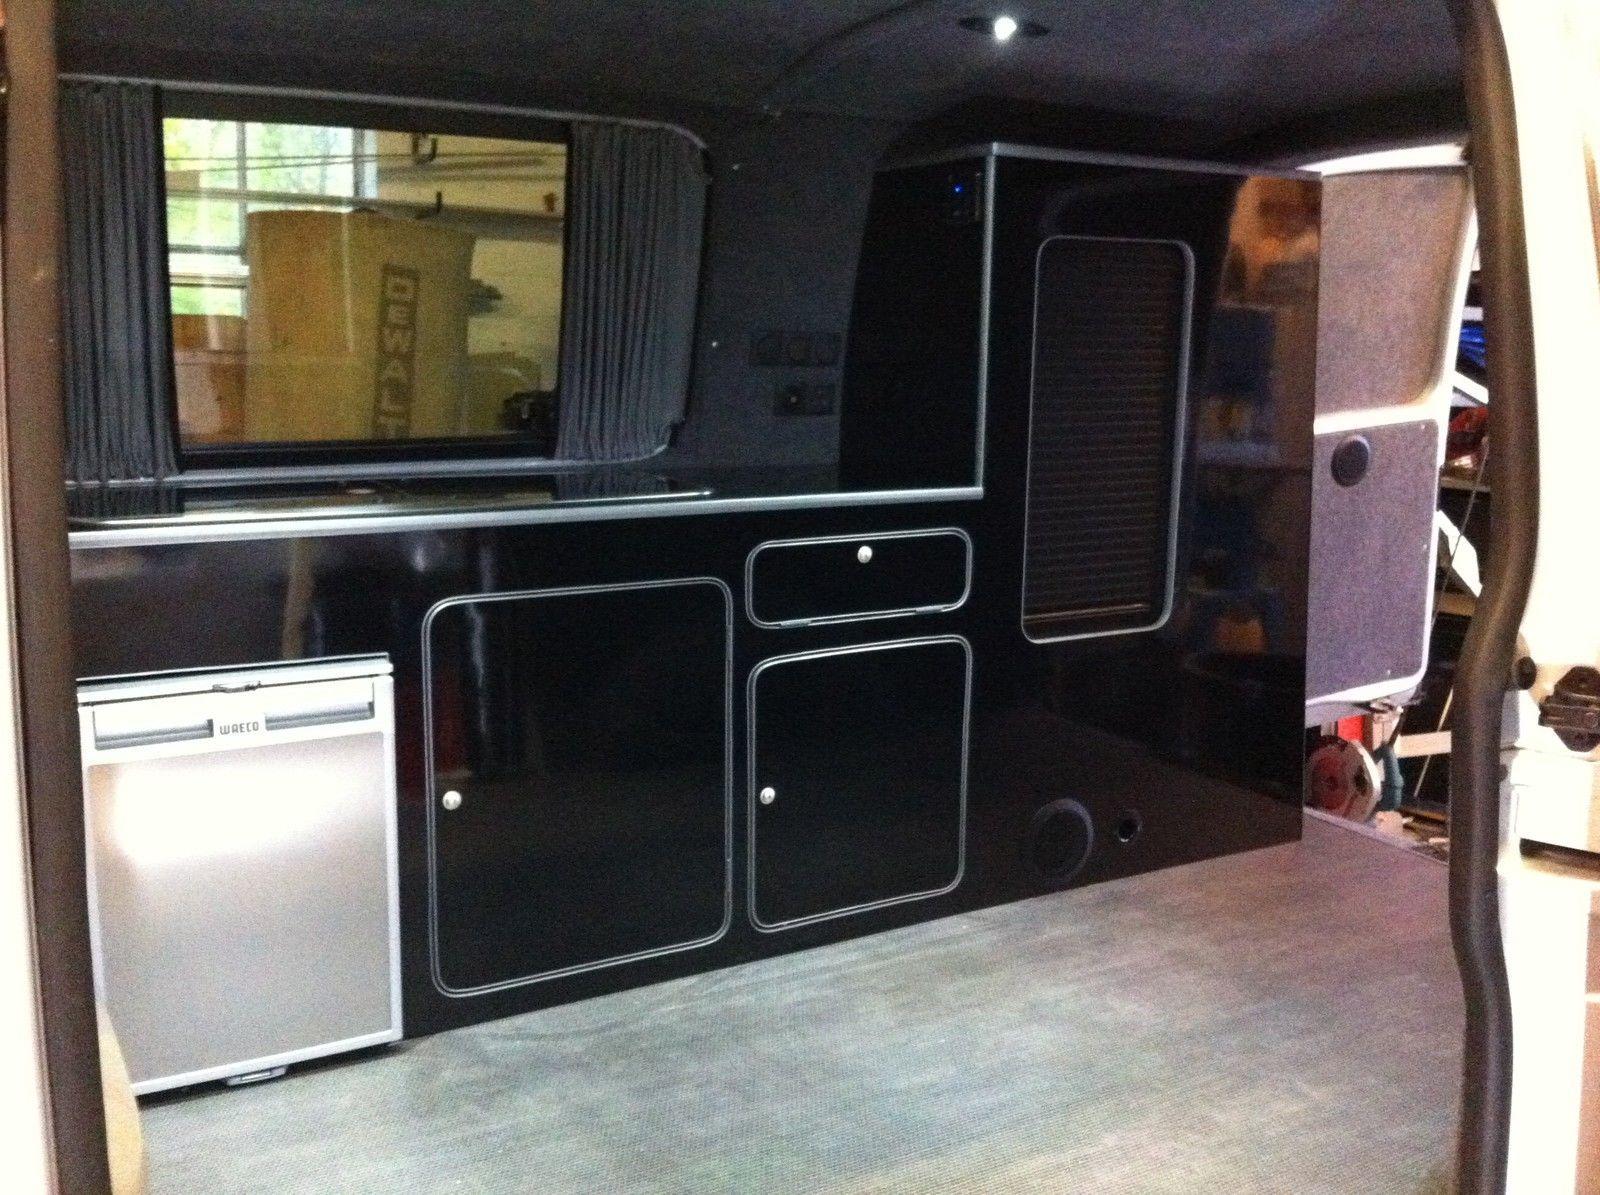 Camper Van Motorhome Furniture With Sink Hob Etc Vw Transporter T4 Kitchen Unit Ebay Camper Van Camper Double Duty Furniture